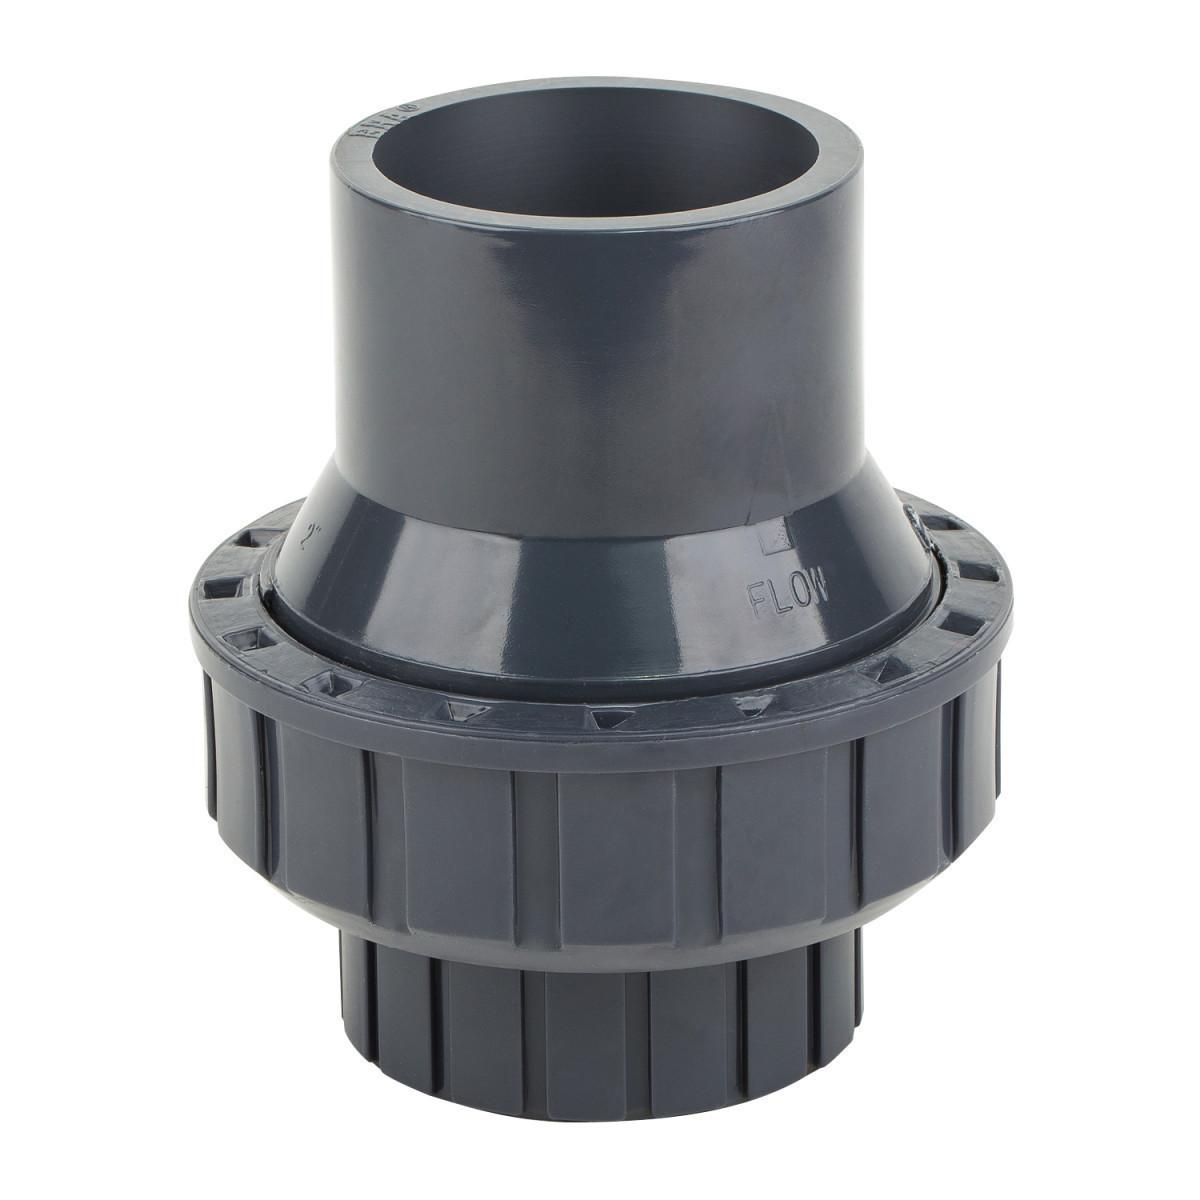 Обратный клапан ПВХ ERA пружинный, диаметр 50 мм.